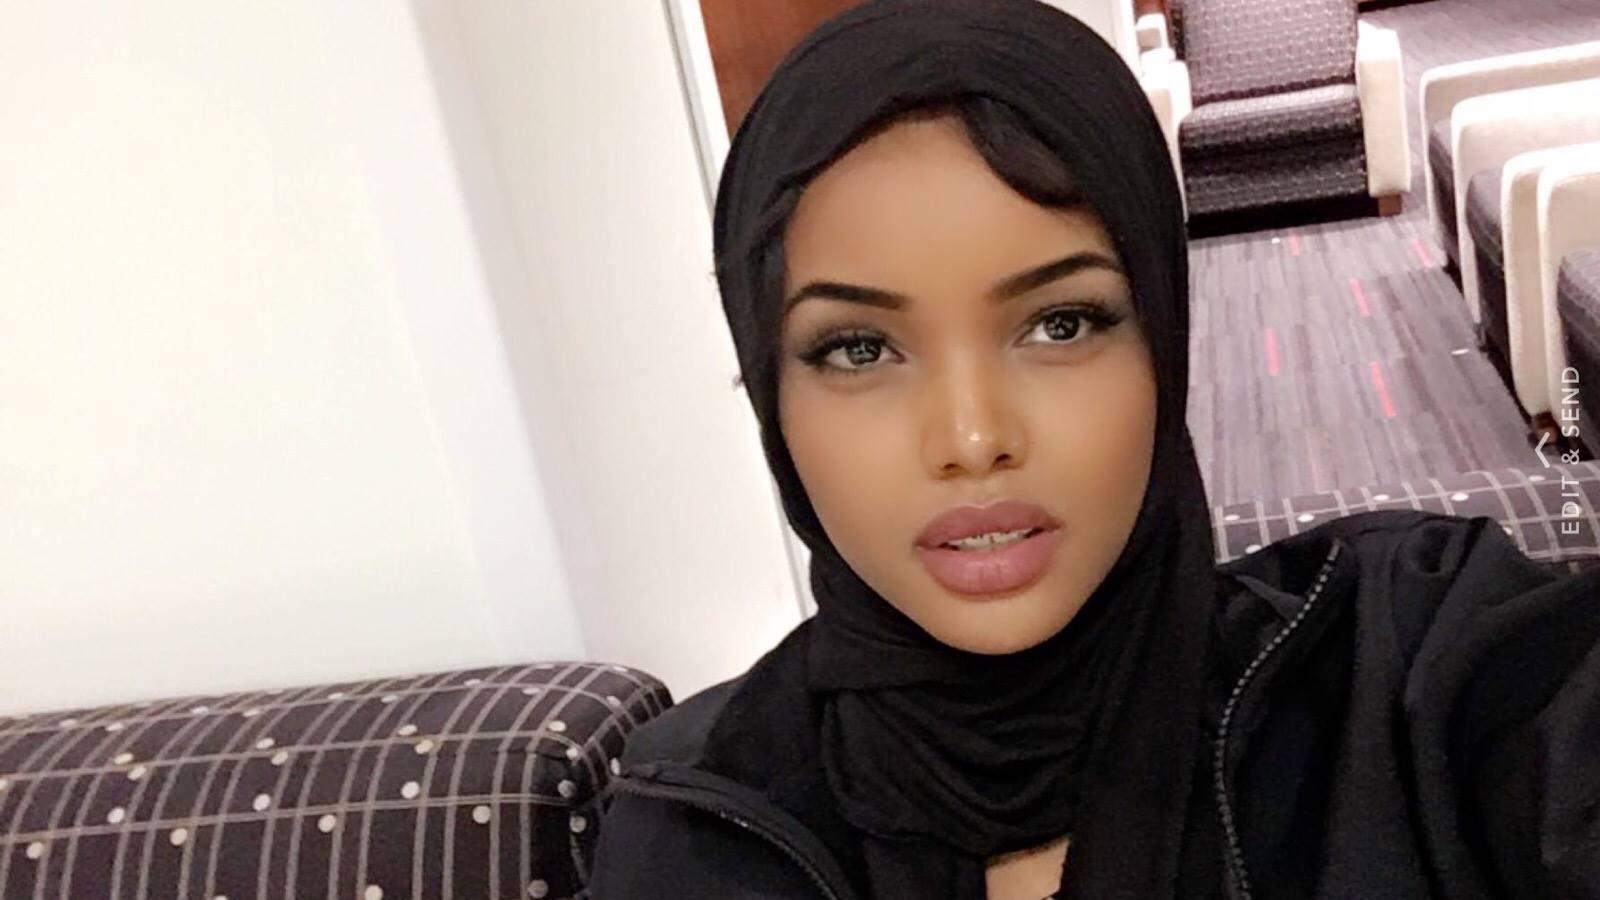 Буркини вместо бикини: в американском конкурсе красоты участвовала девушка в хиджабе